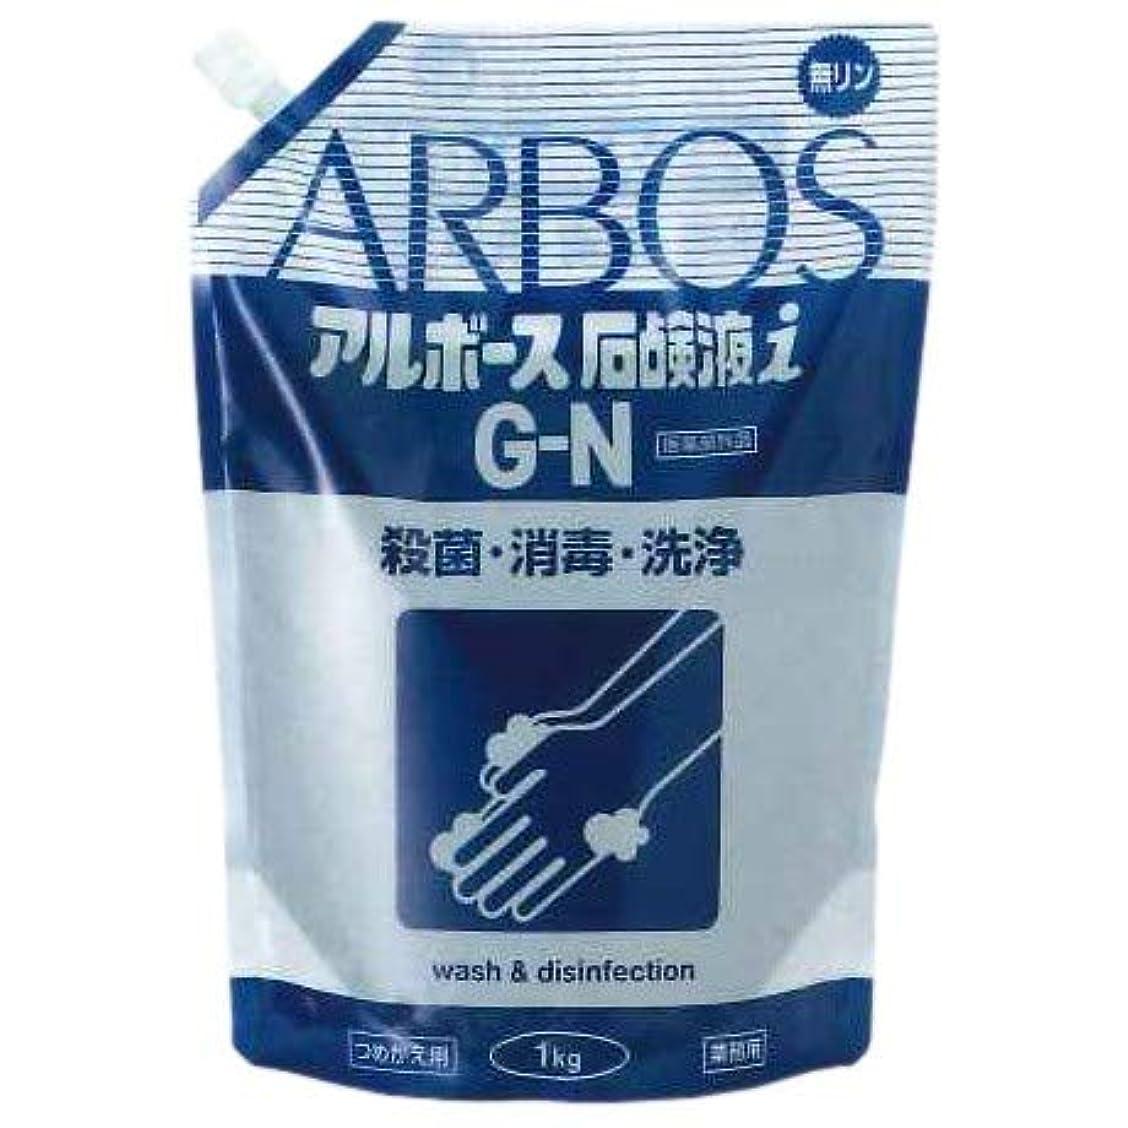 ぬいぐるみシリアルきれいにアルボース 薬用ハンドソープ アルボース石鹸液i G-N 濃縮タイプ 1kg×18袋